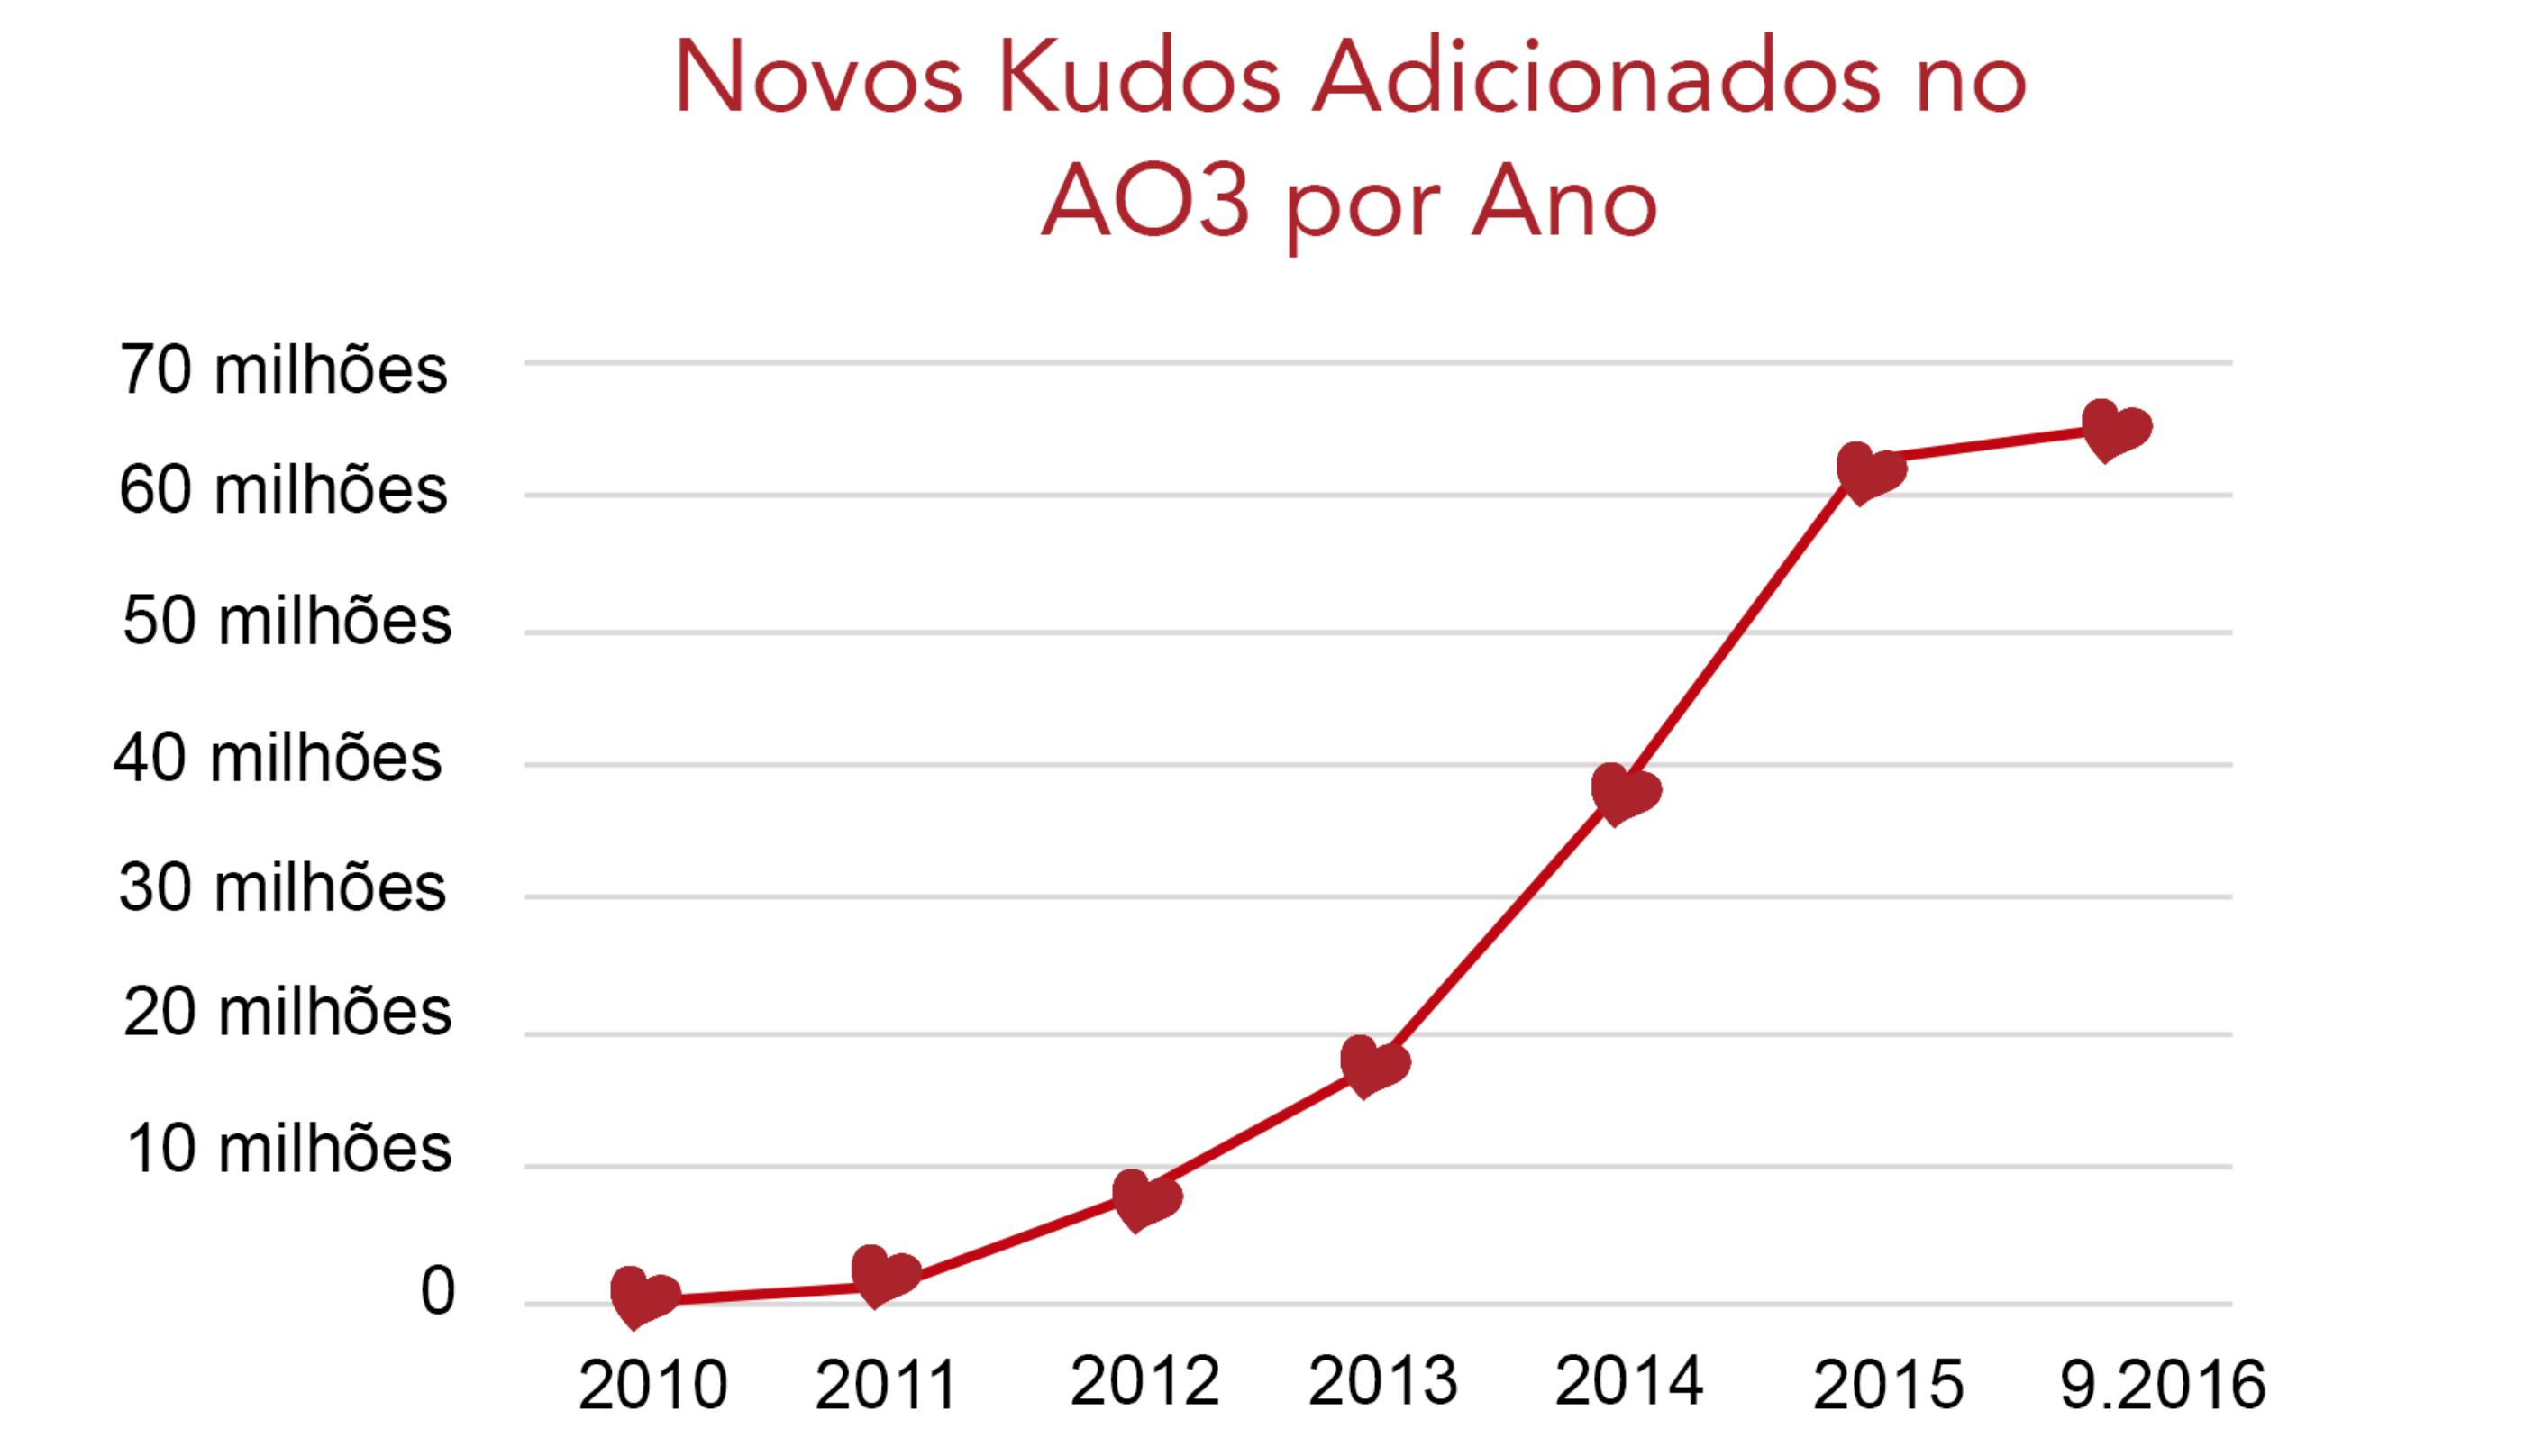 Gráfico do aumento do número de kudos no AO3, desde zero em 2010 até mais de 60 milhões em setembro de 2016.